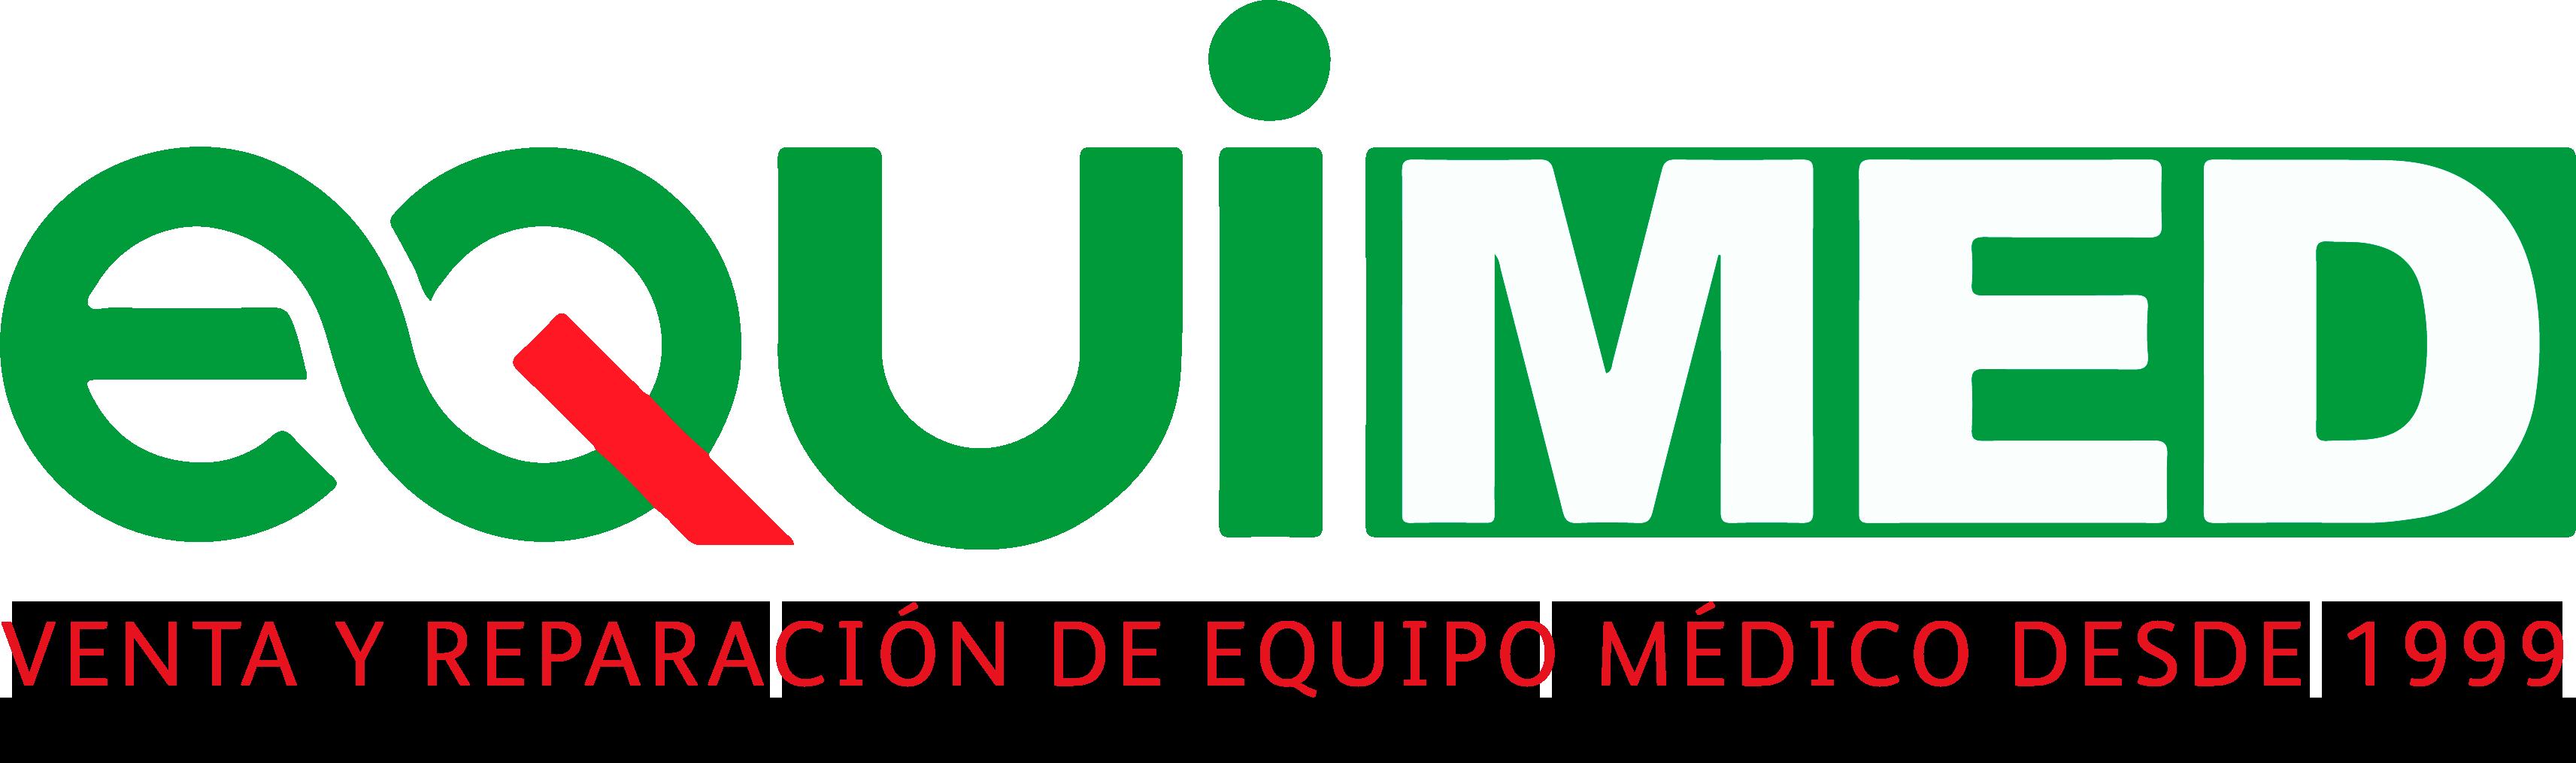 Equimed El Salvador